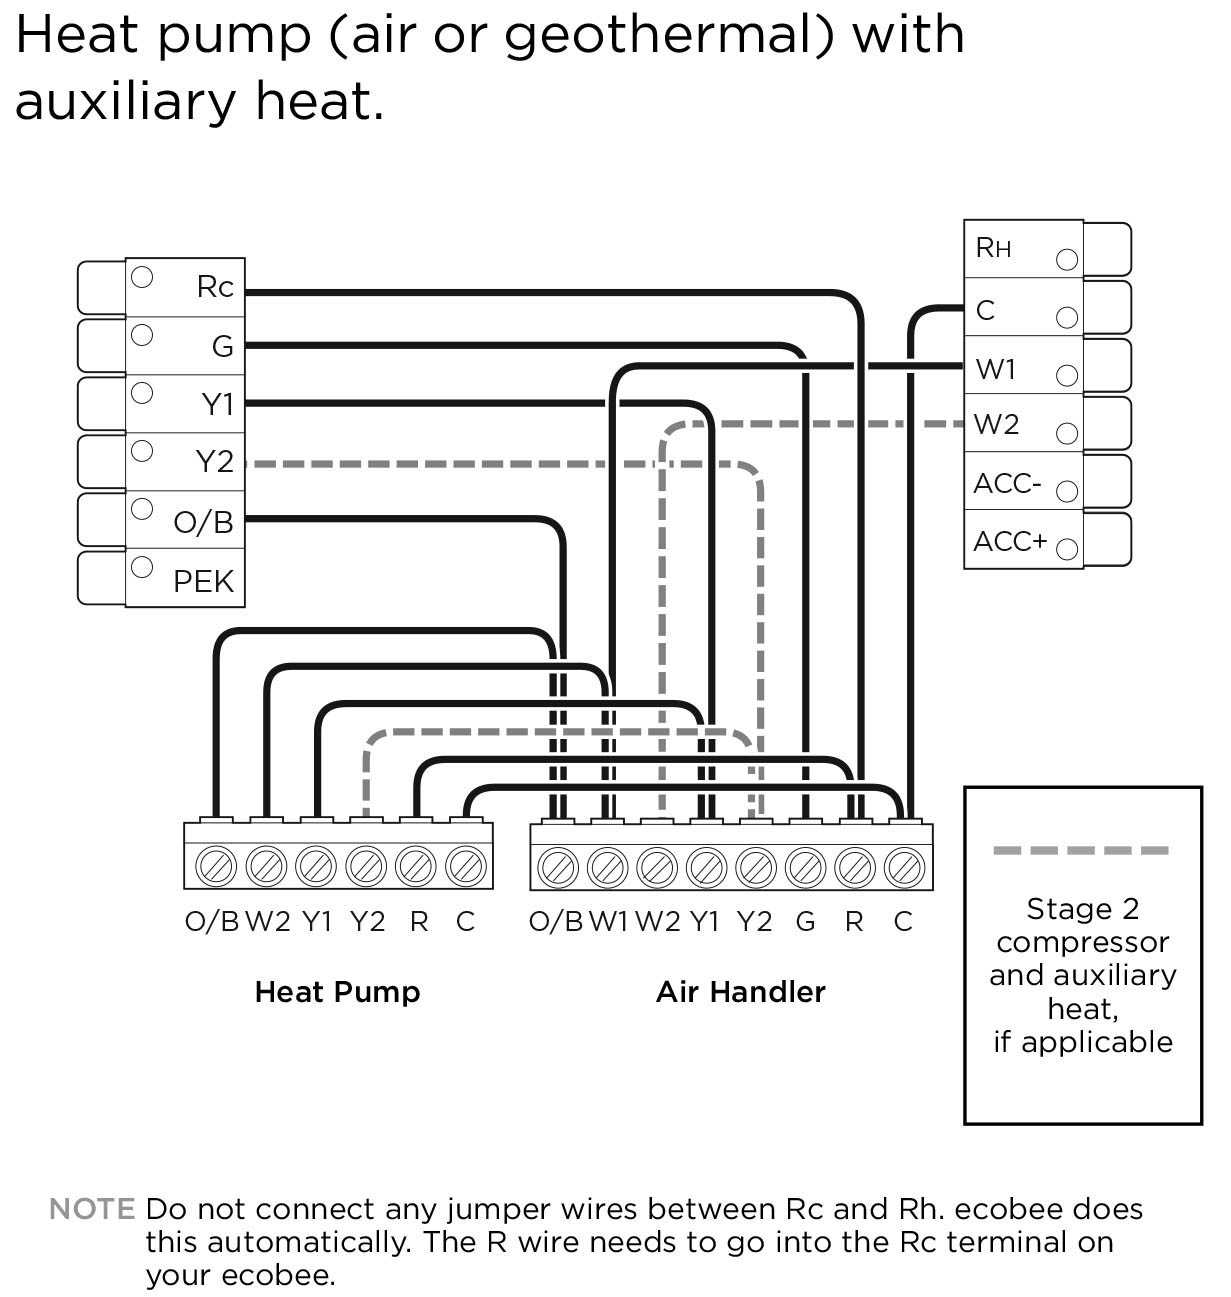 Geothermal Heat Pump Wiring Diagram | Manual E-Books - Heatpump Wiring Diagram